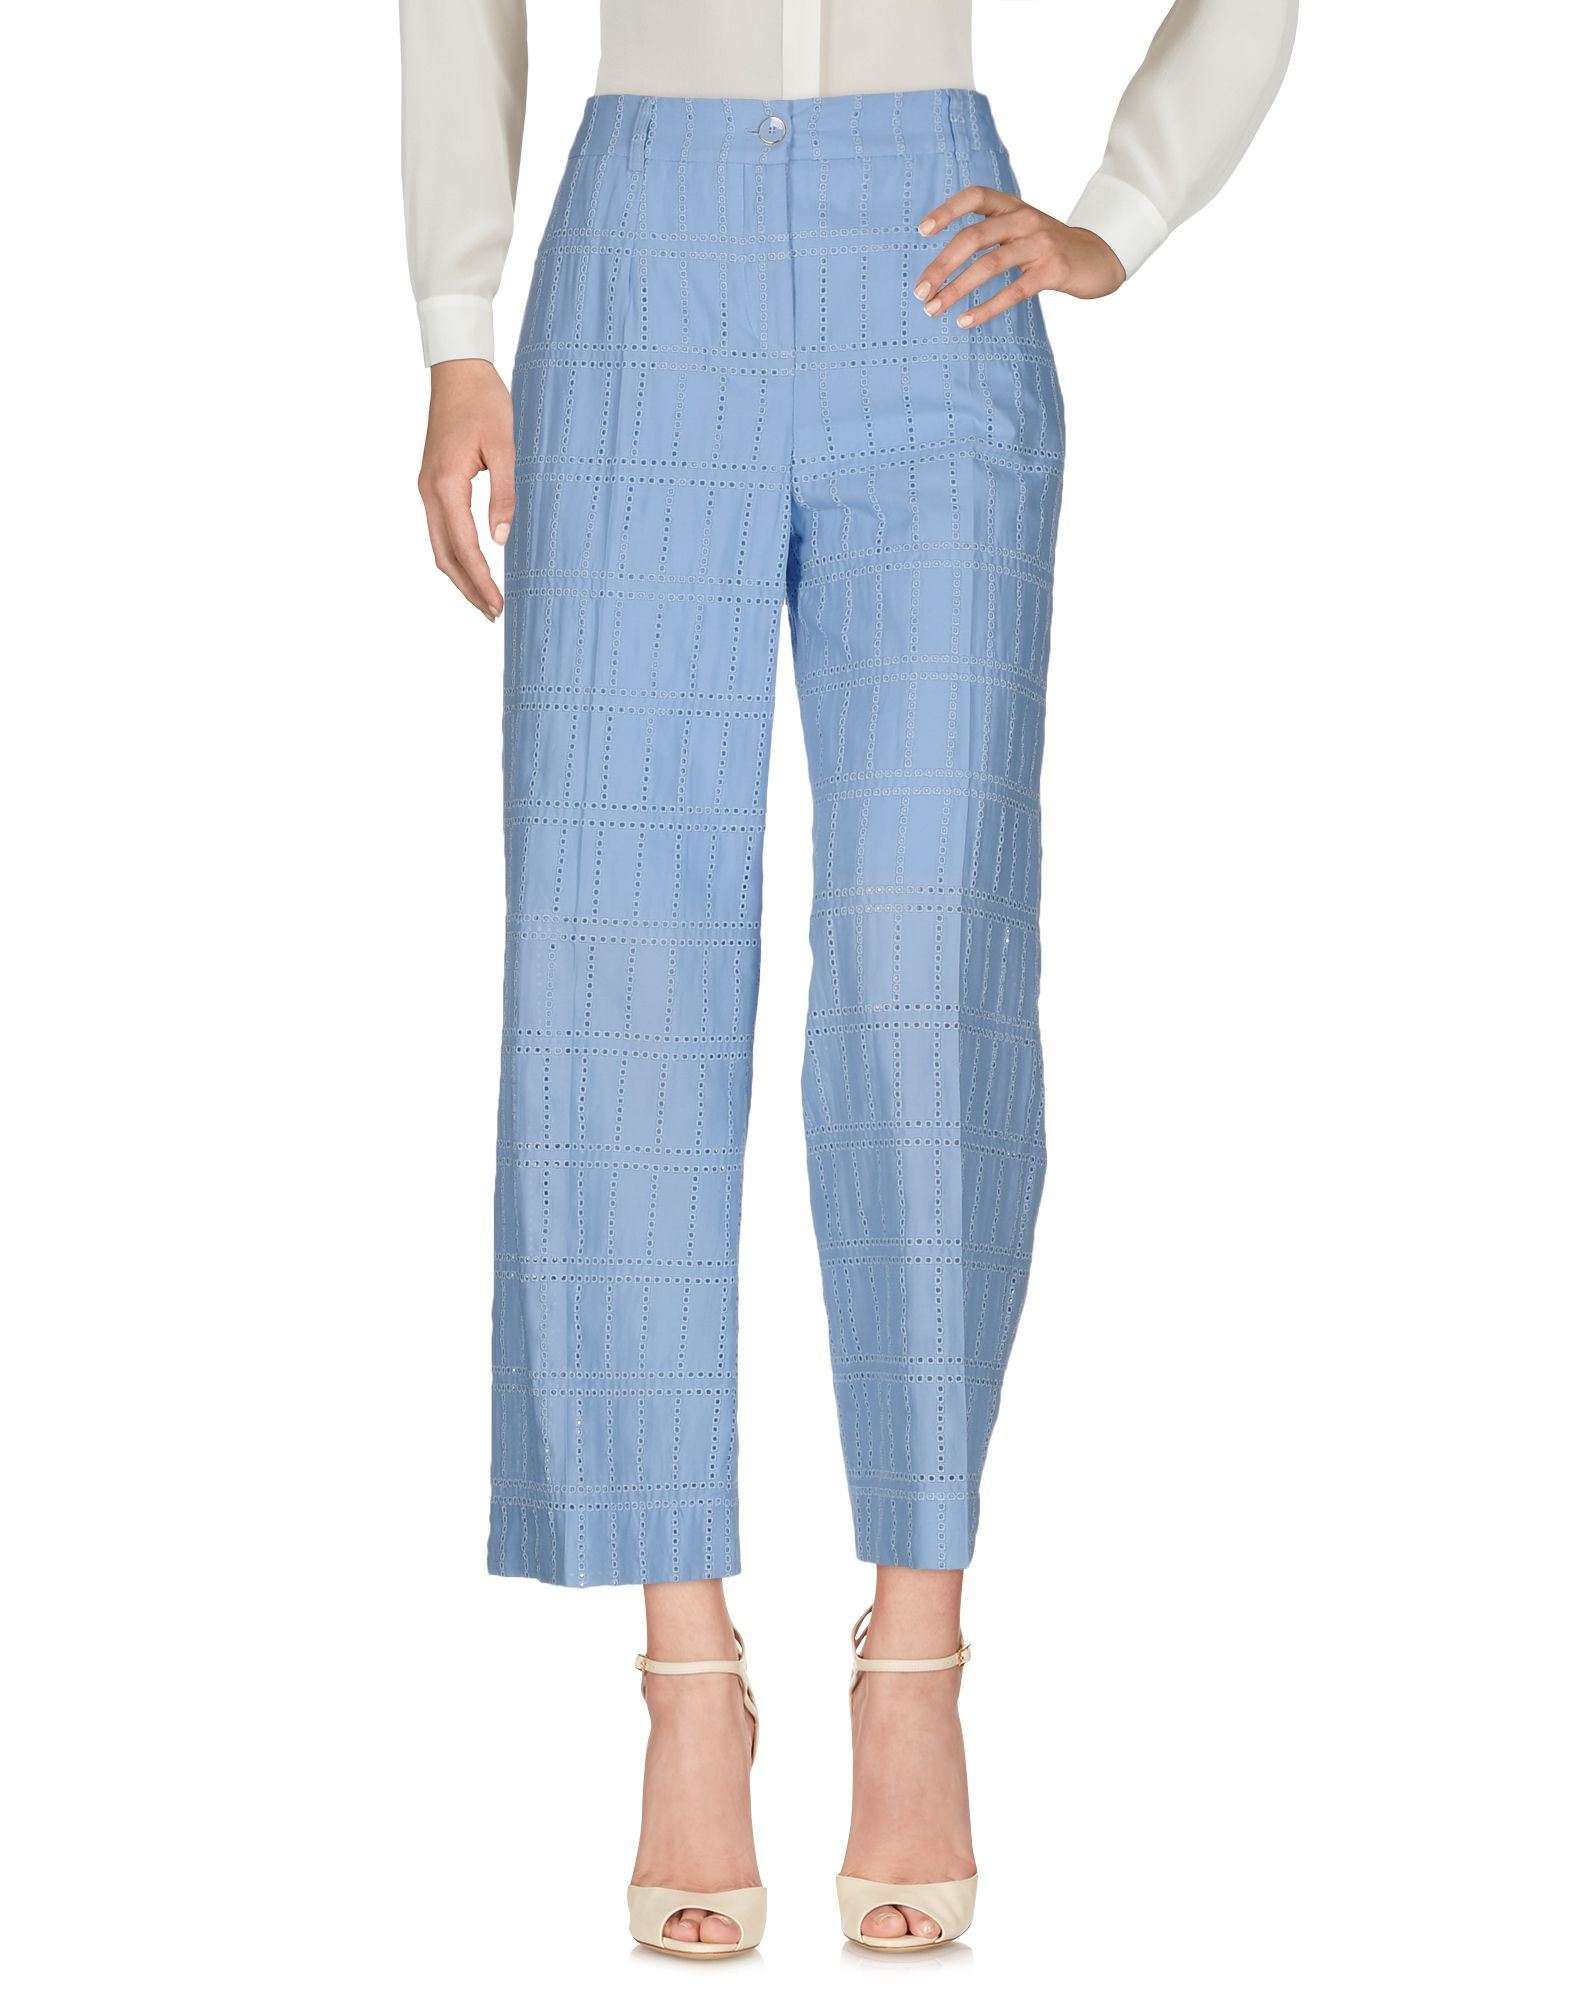 FemmesAcheter Pantalons En Blumarine Ligne À fybgv76mIY